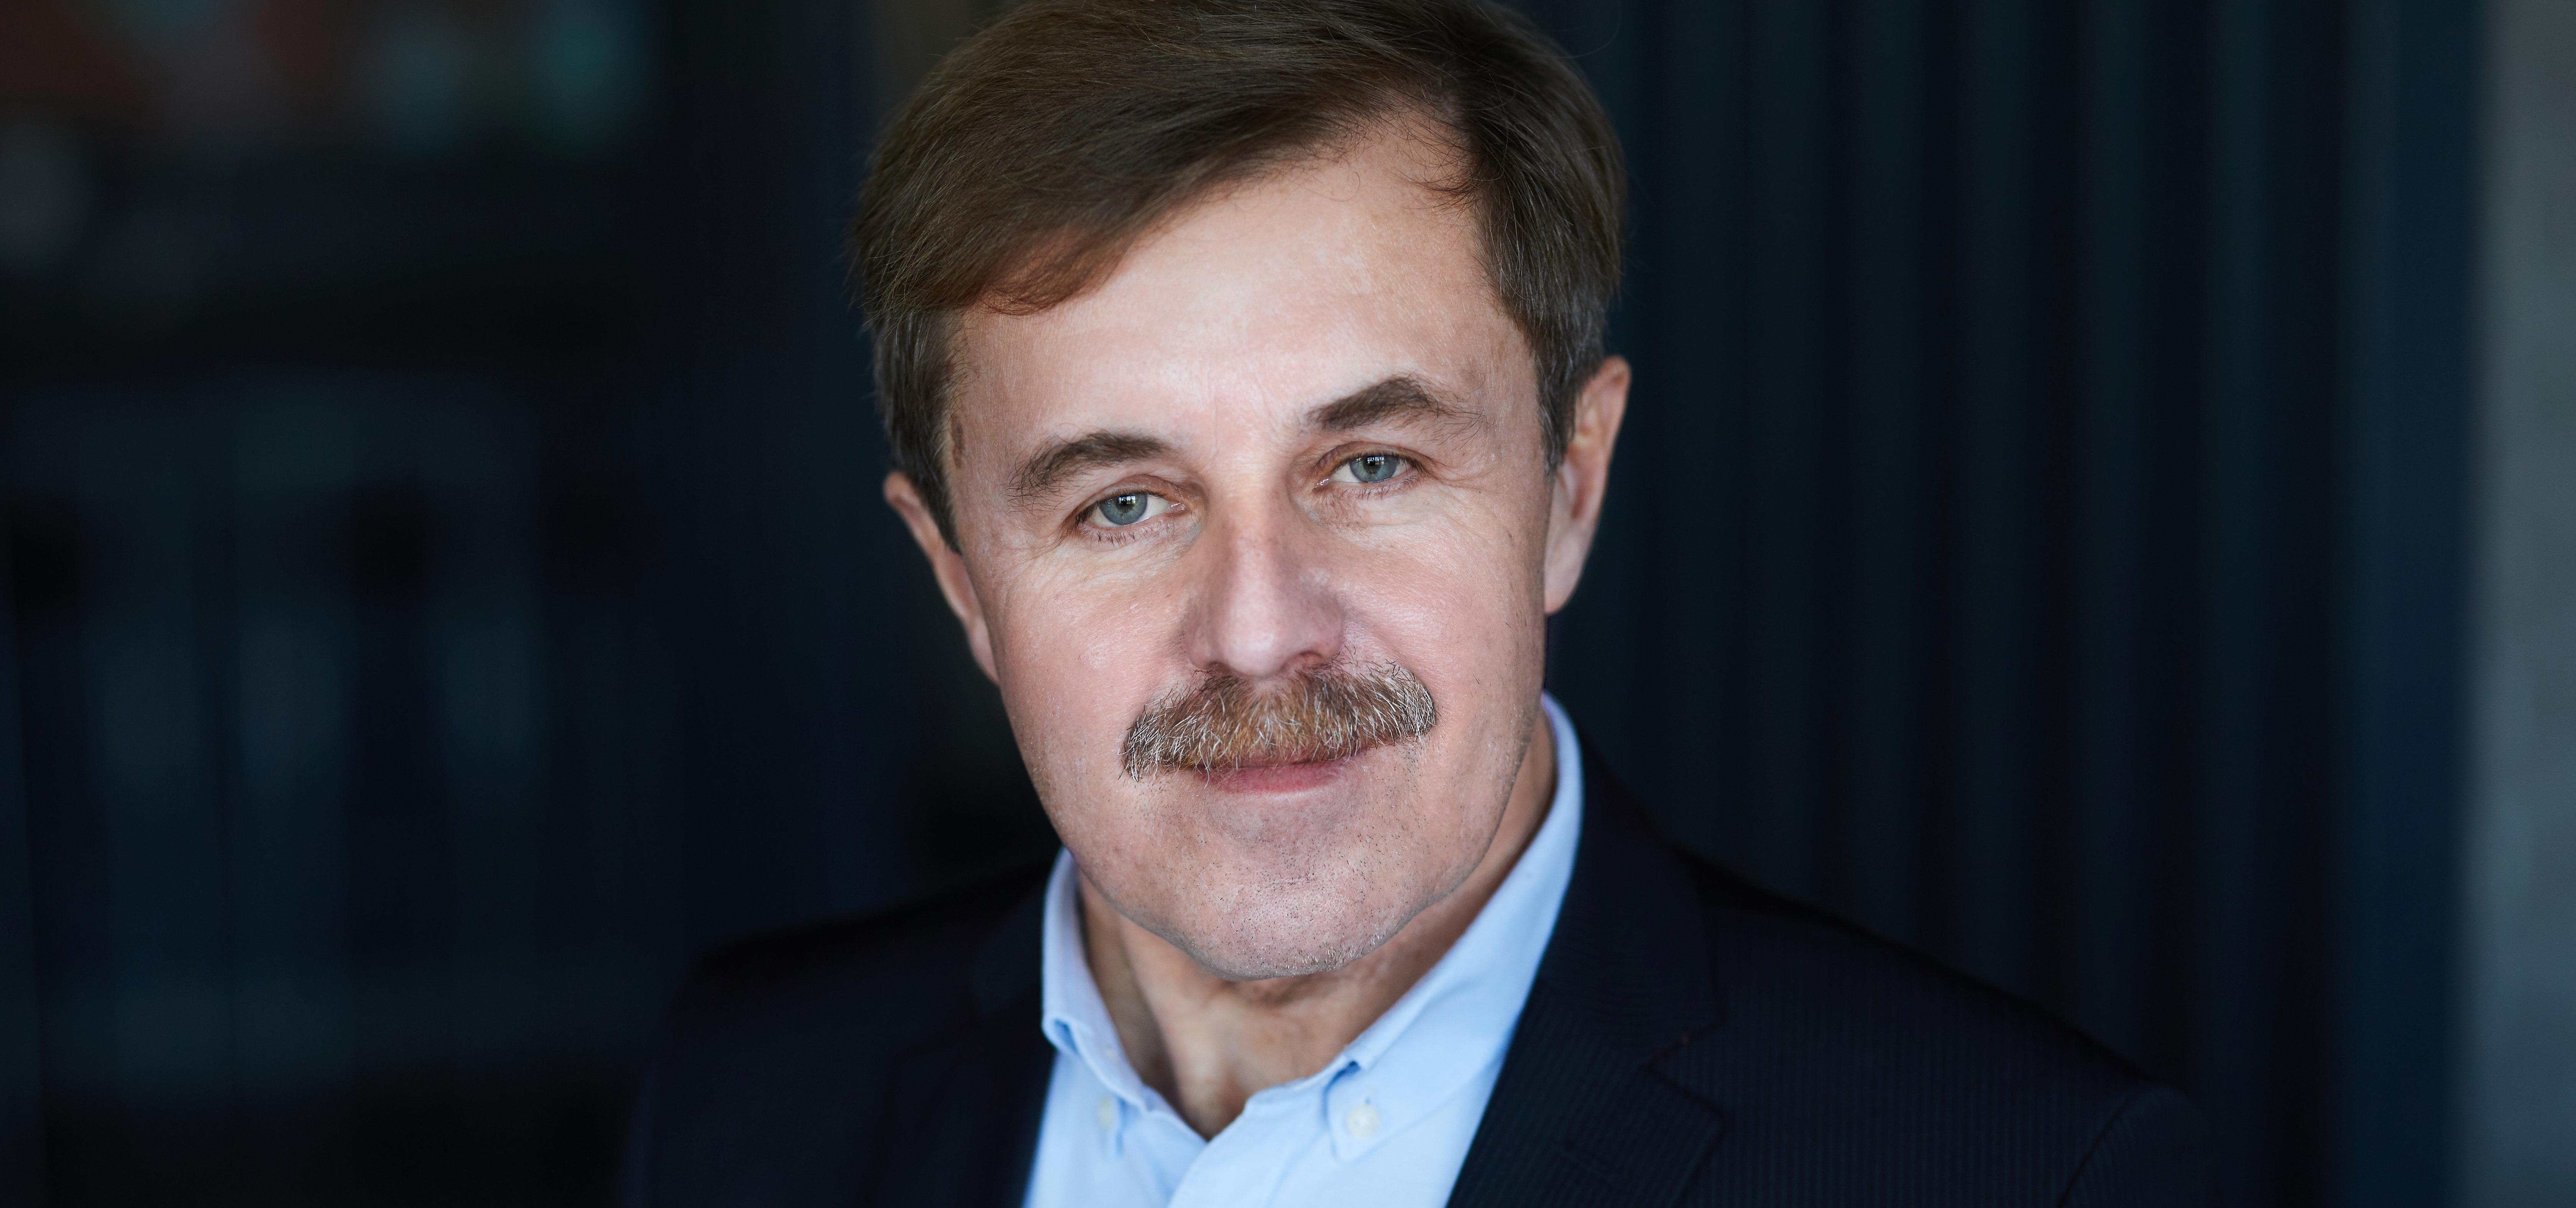 prof. dr hab. inż. Cezary Orłowski